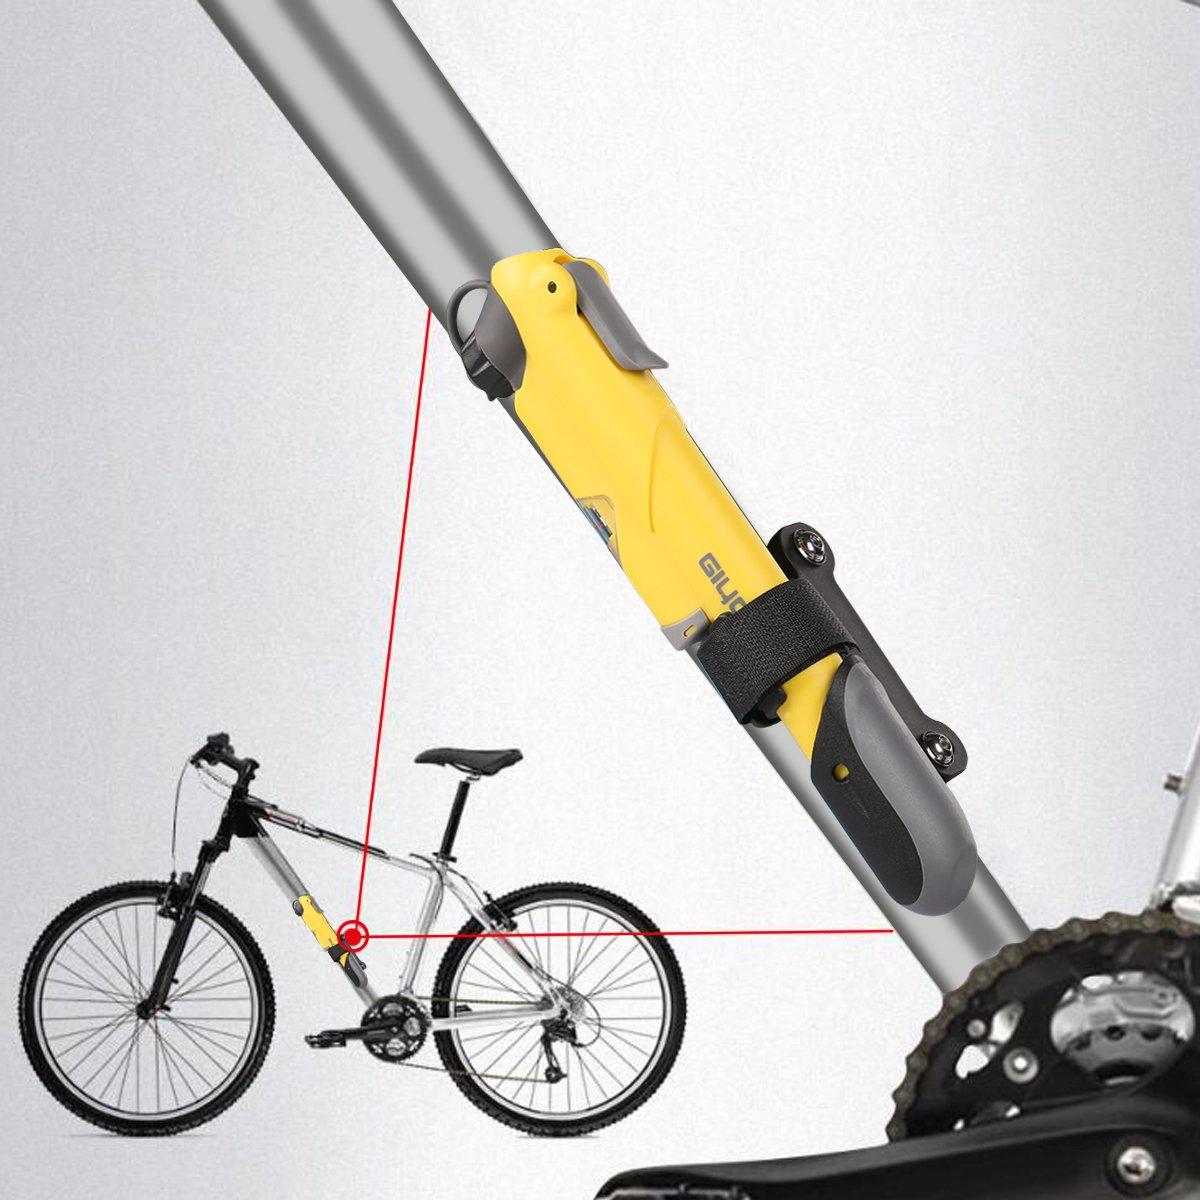 /Mini bicicleta bomba Double Shot Bike Mini bomba aleaci/ón Mini bomba con man/ómetro y soporte de montaje para carretera y bicicletas de monta/ña Giyo/